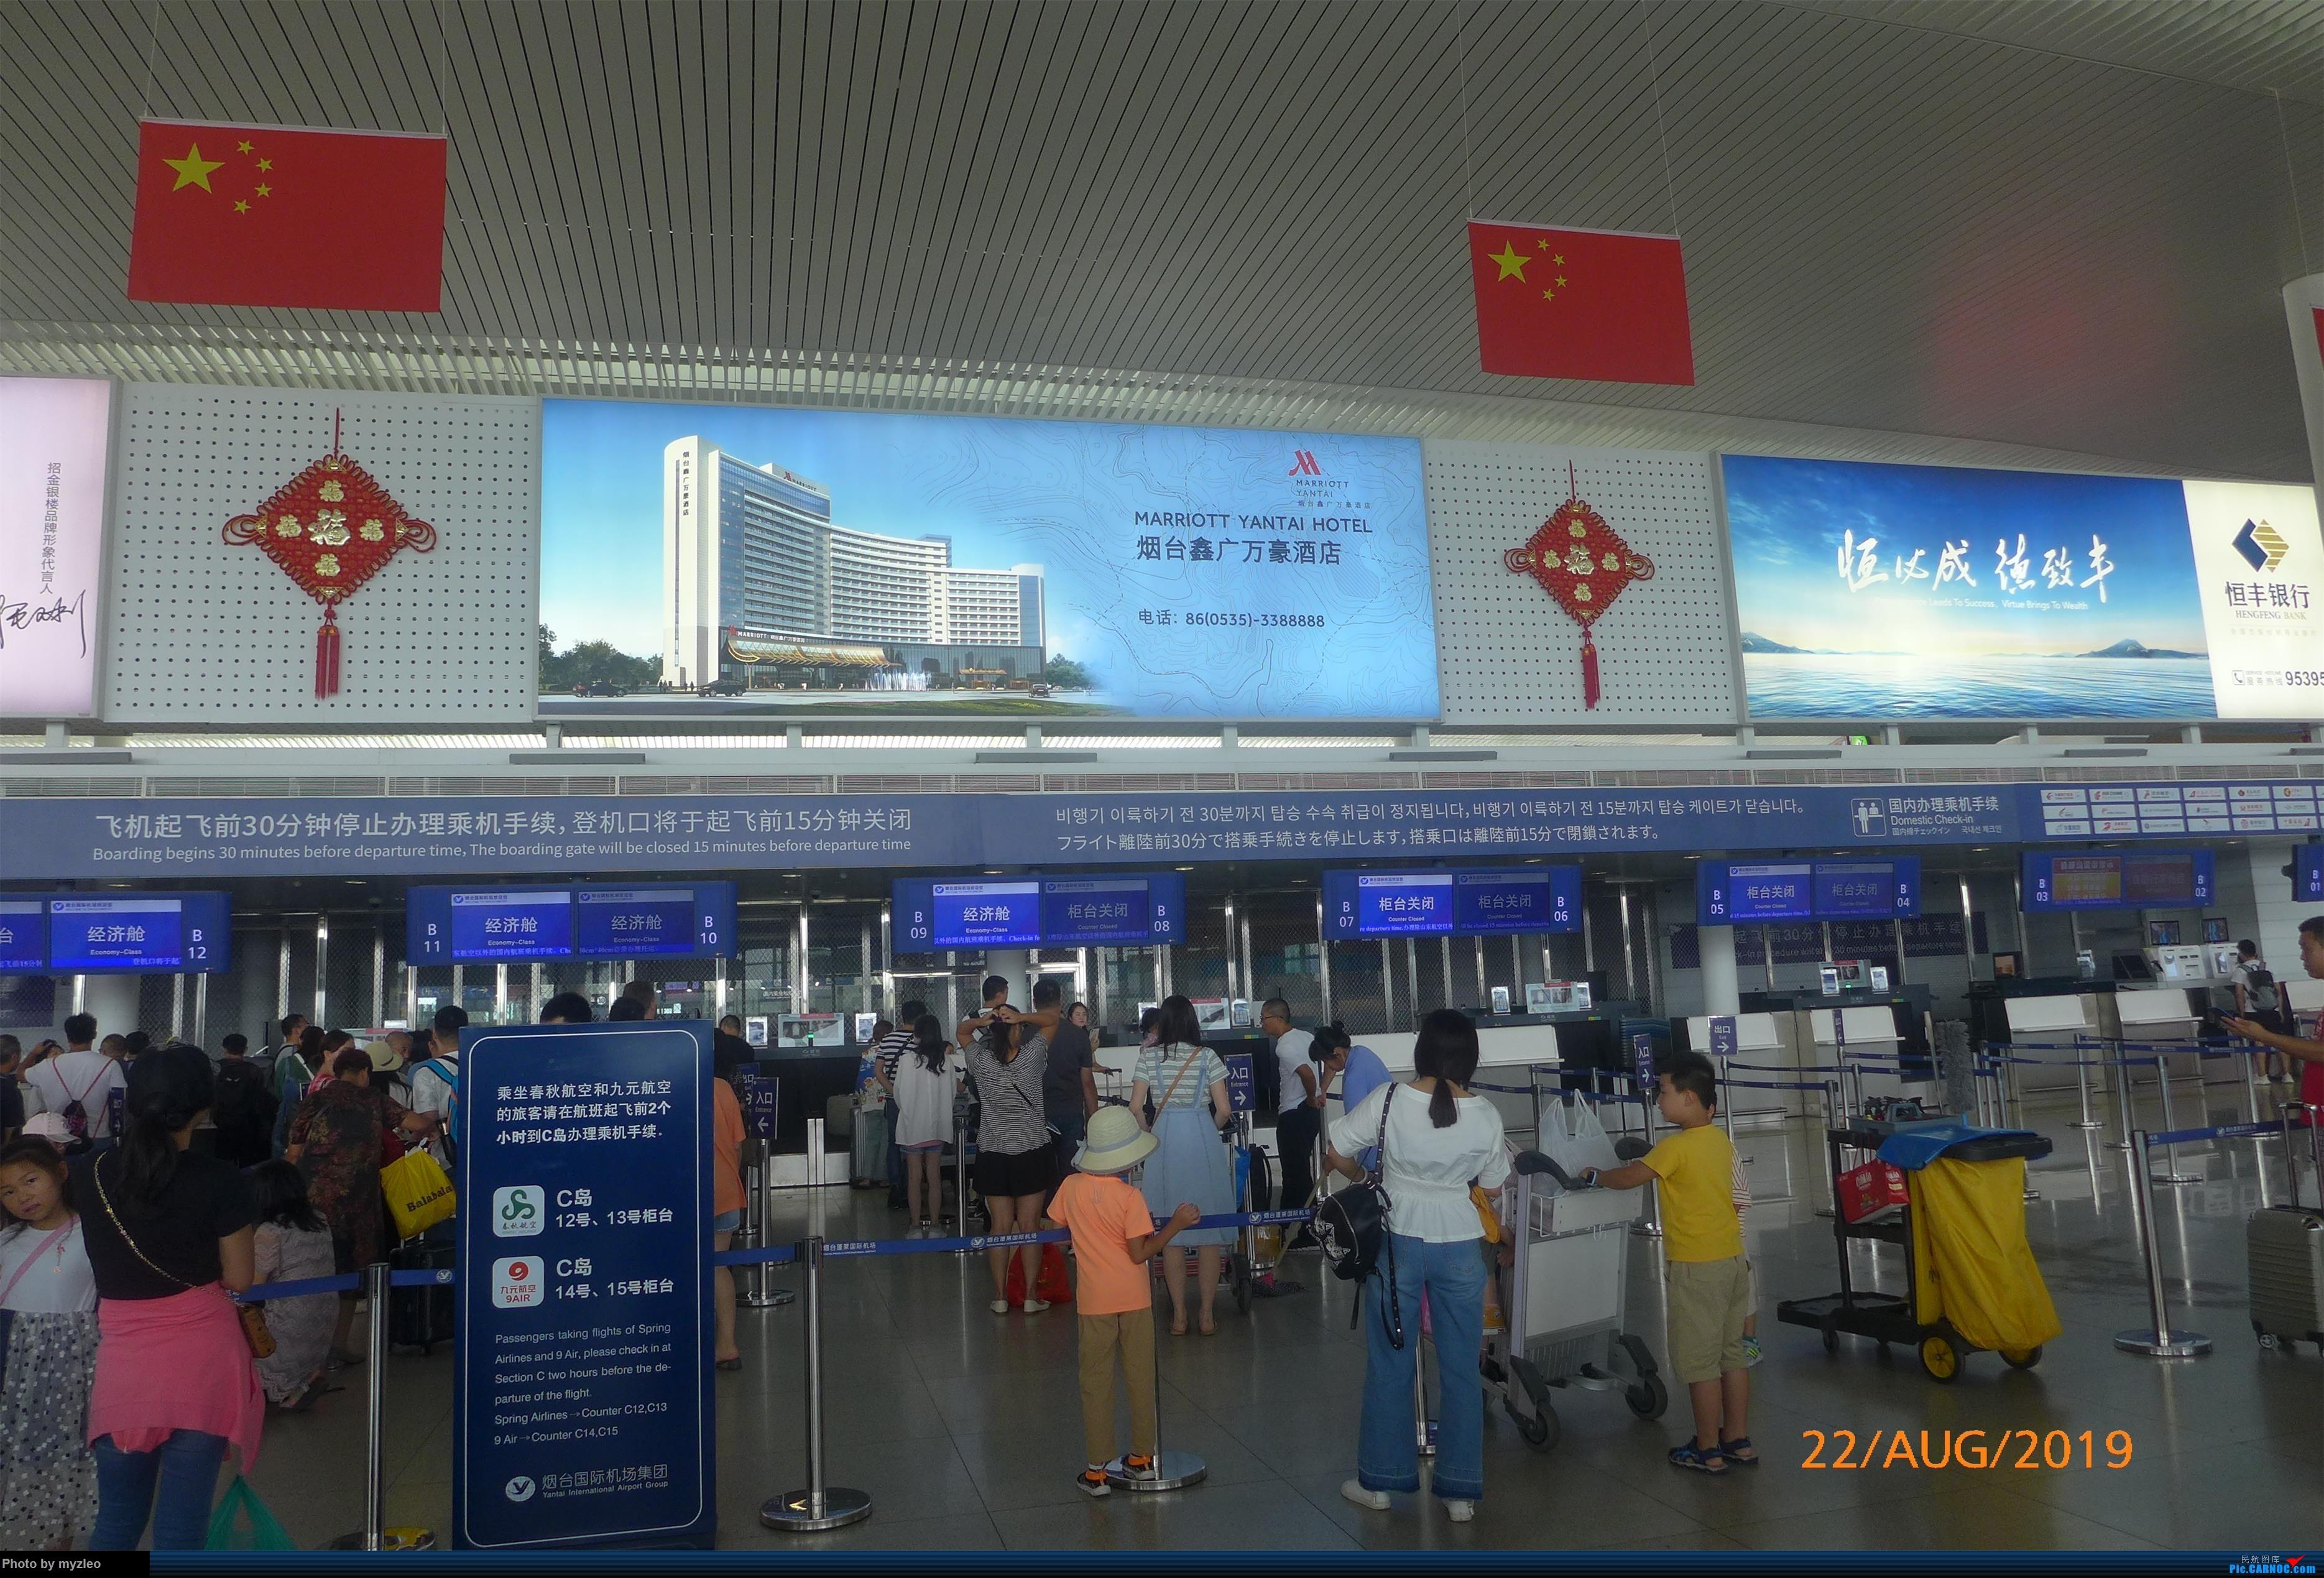 Re:[原创]【myzleo的游记5.2】梦圆一九(2)首访南苑把梦圆,初搭巴航连新缘    中国烟台蓬莱国际机场